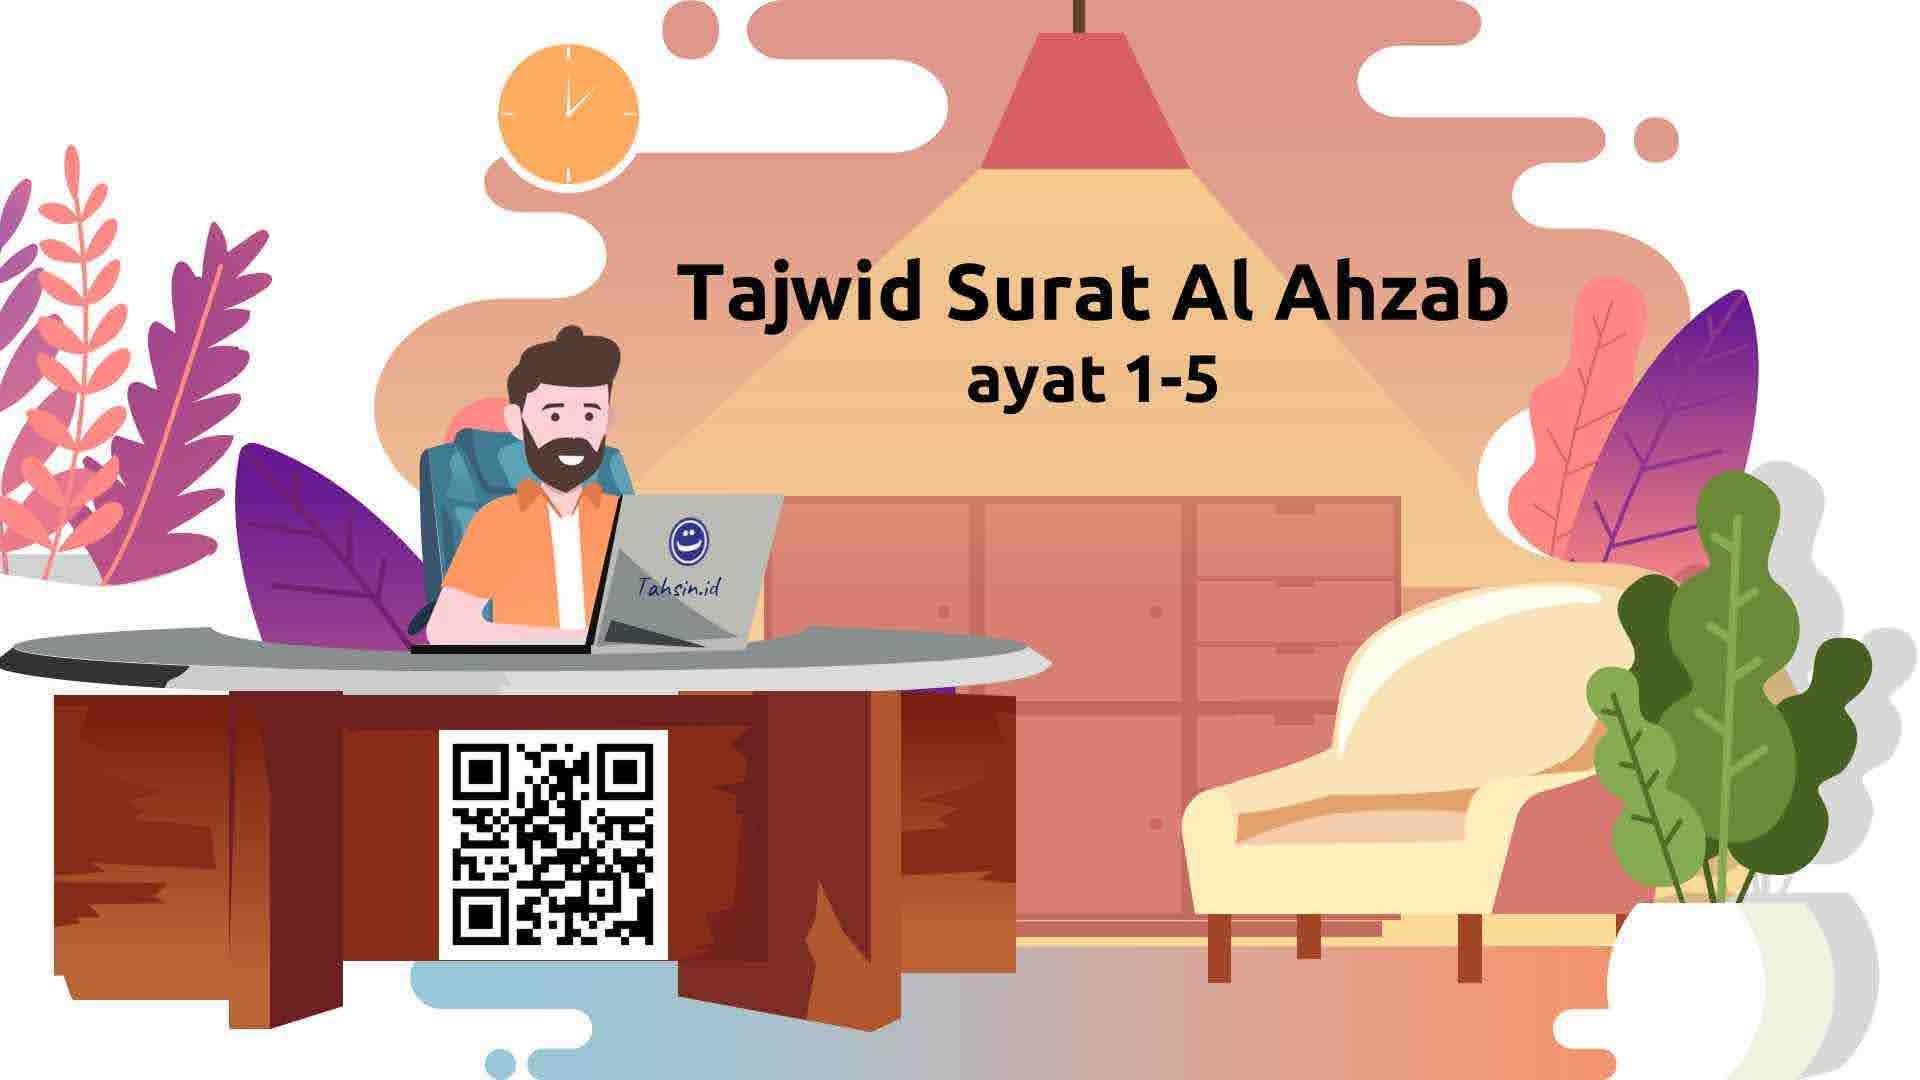 tajwid-surat-al-ahzab-ayat-1-5